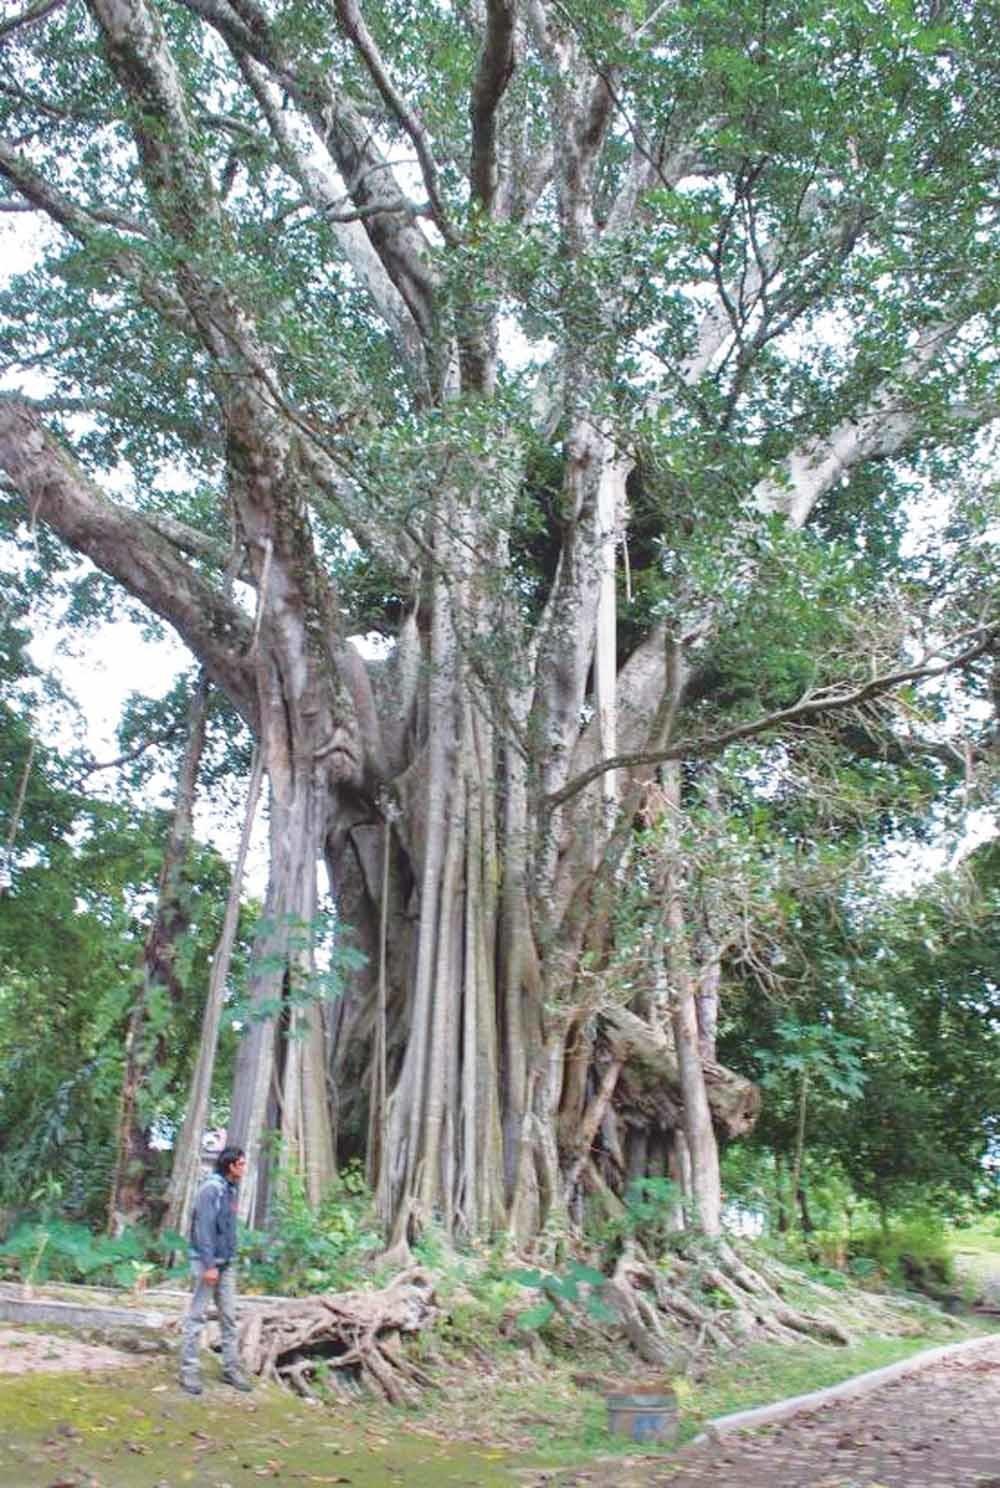 De hariara sundung di langit, oftewel de wolkenkrabberboom, geldt als de  grootste van het universum. – © vaiqbo.blogspot.com